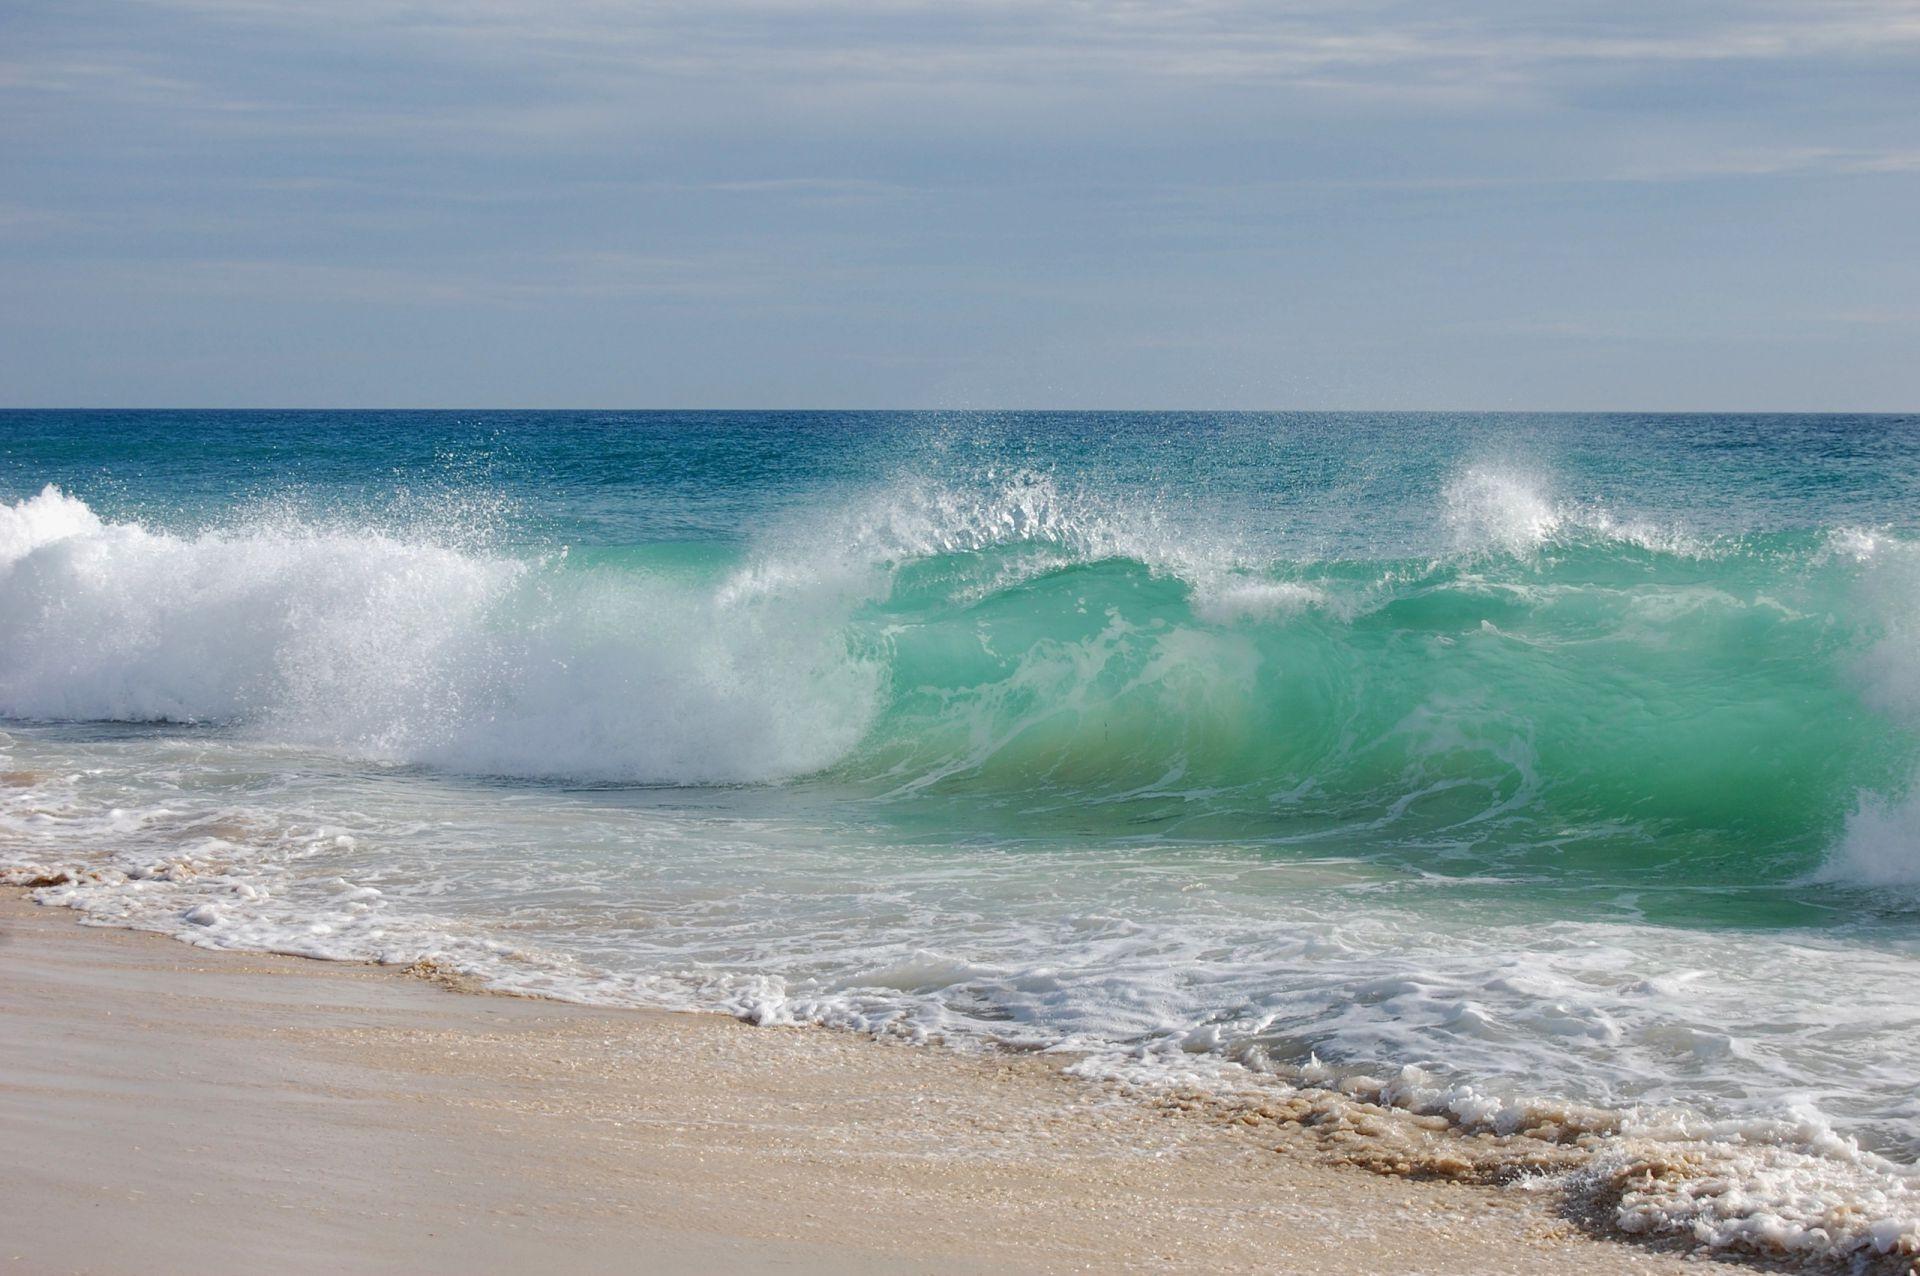 Обои волны. Пейзажи foto 13